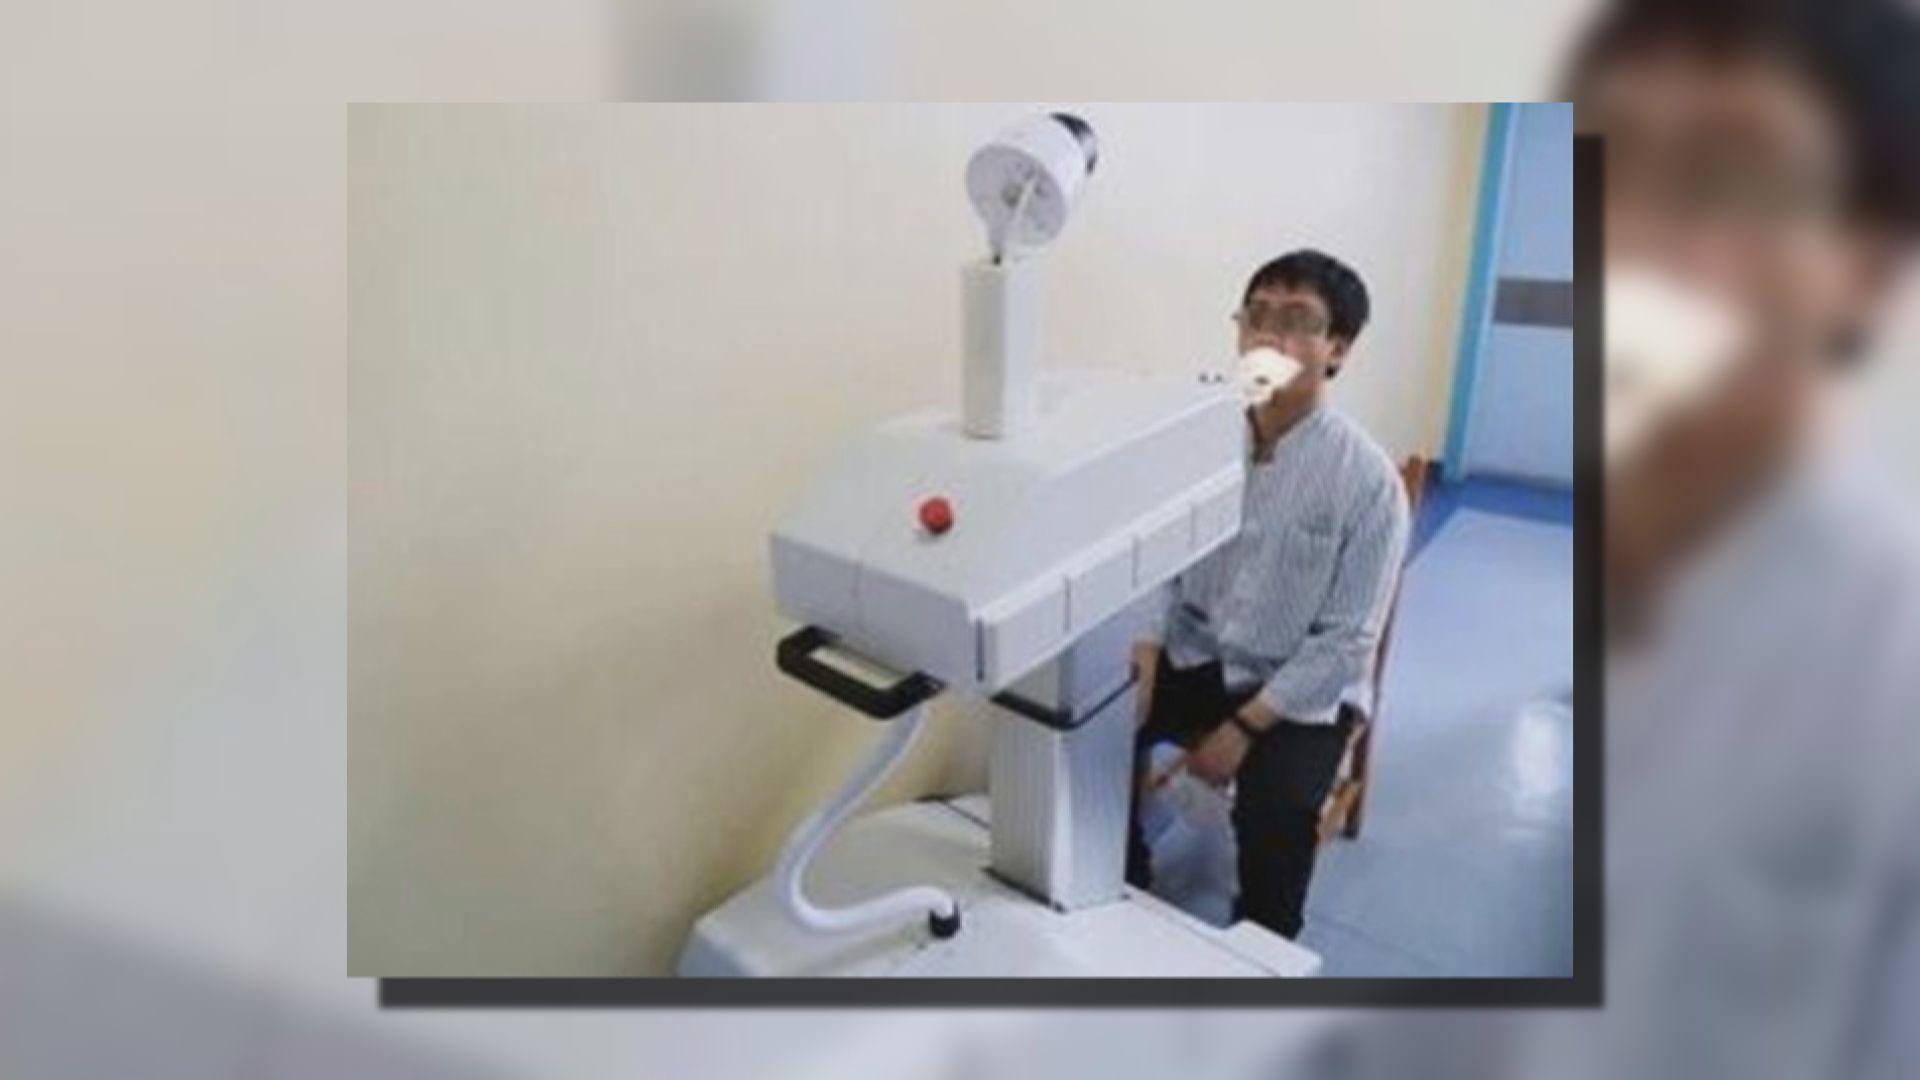 【環球薈報】鍾南山團隊開發智能機械人 咽拭子採集質量不遜於人工